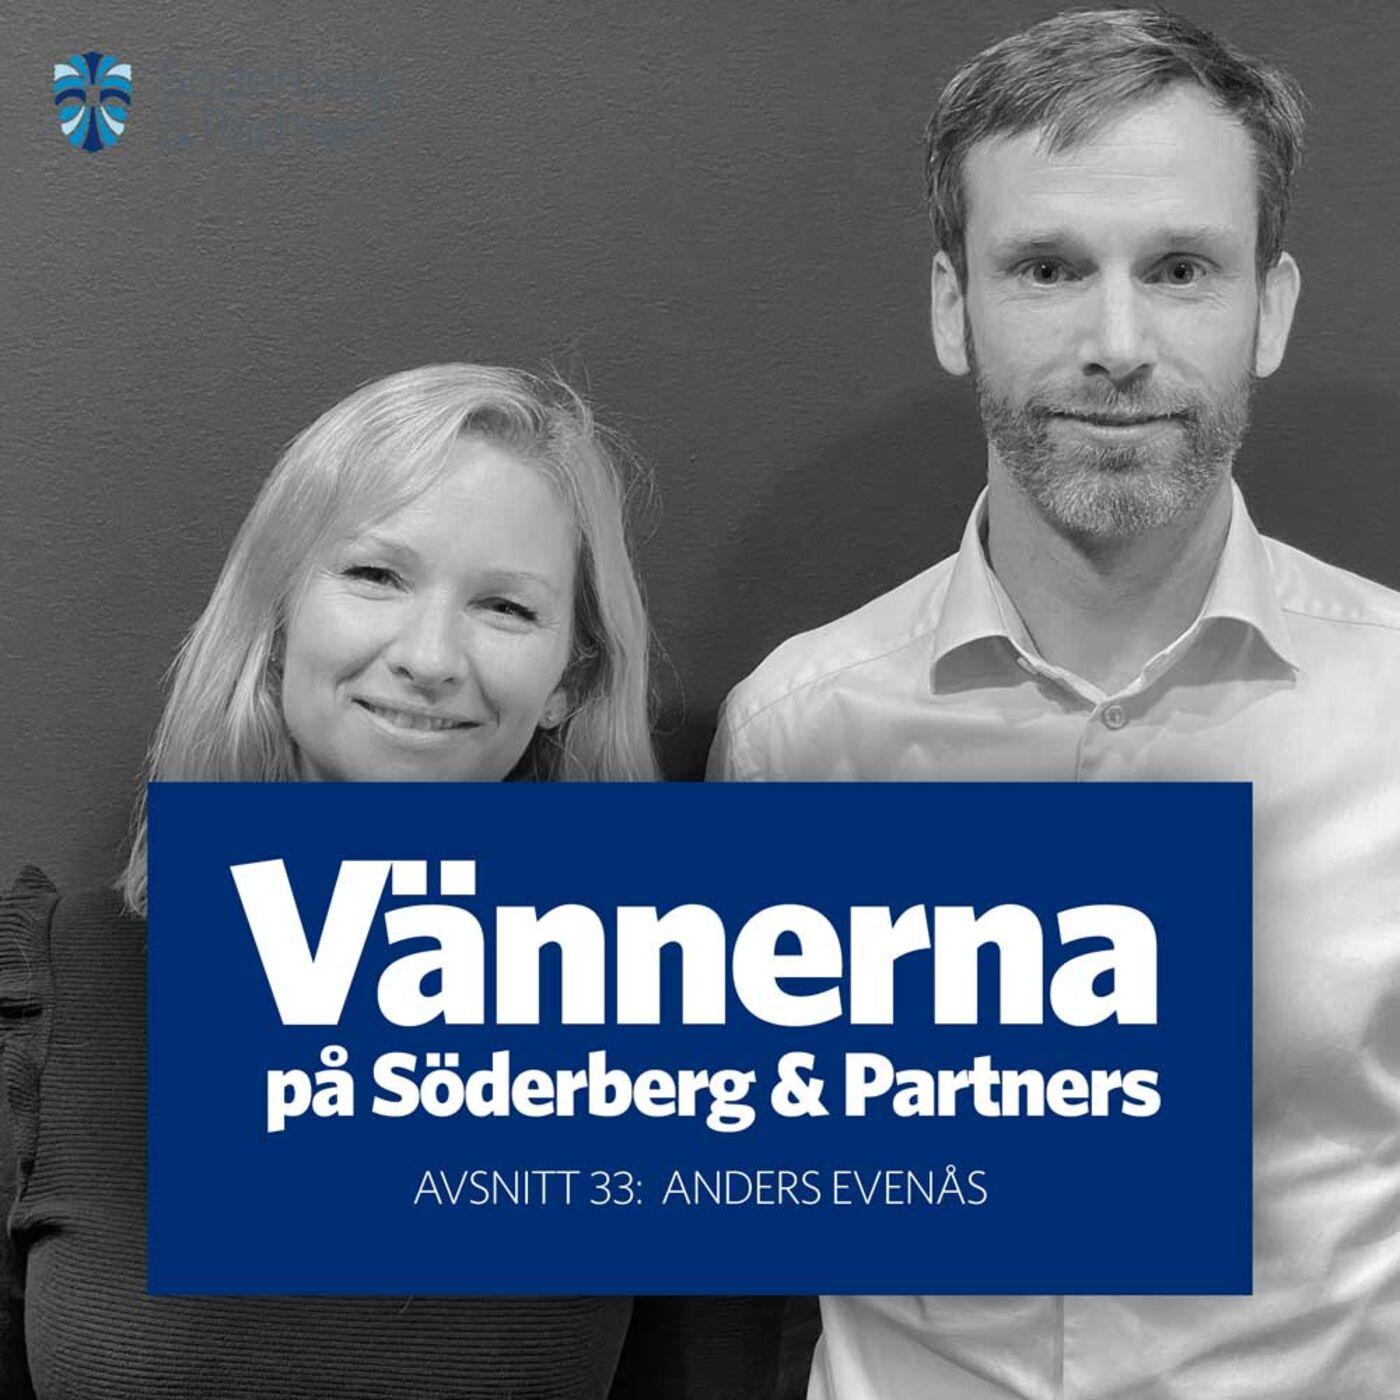 Avsnitt 33 - Anders Evenås